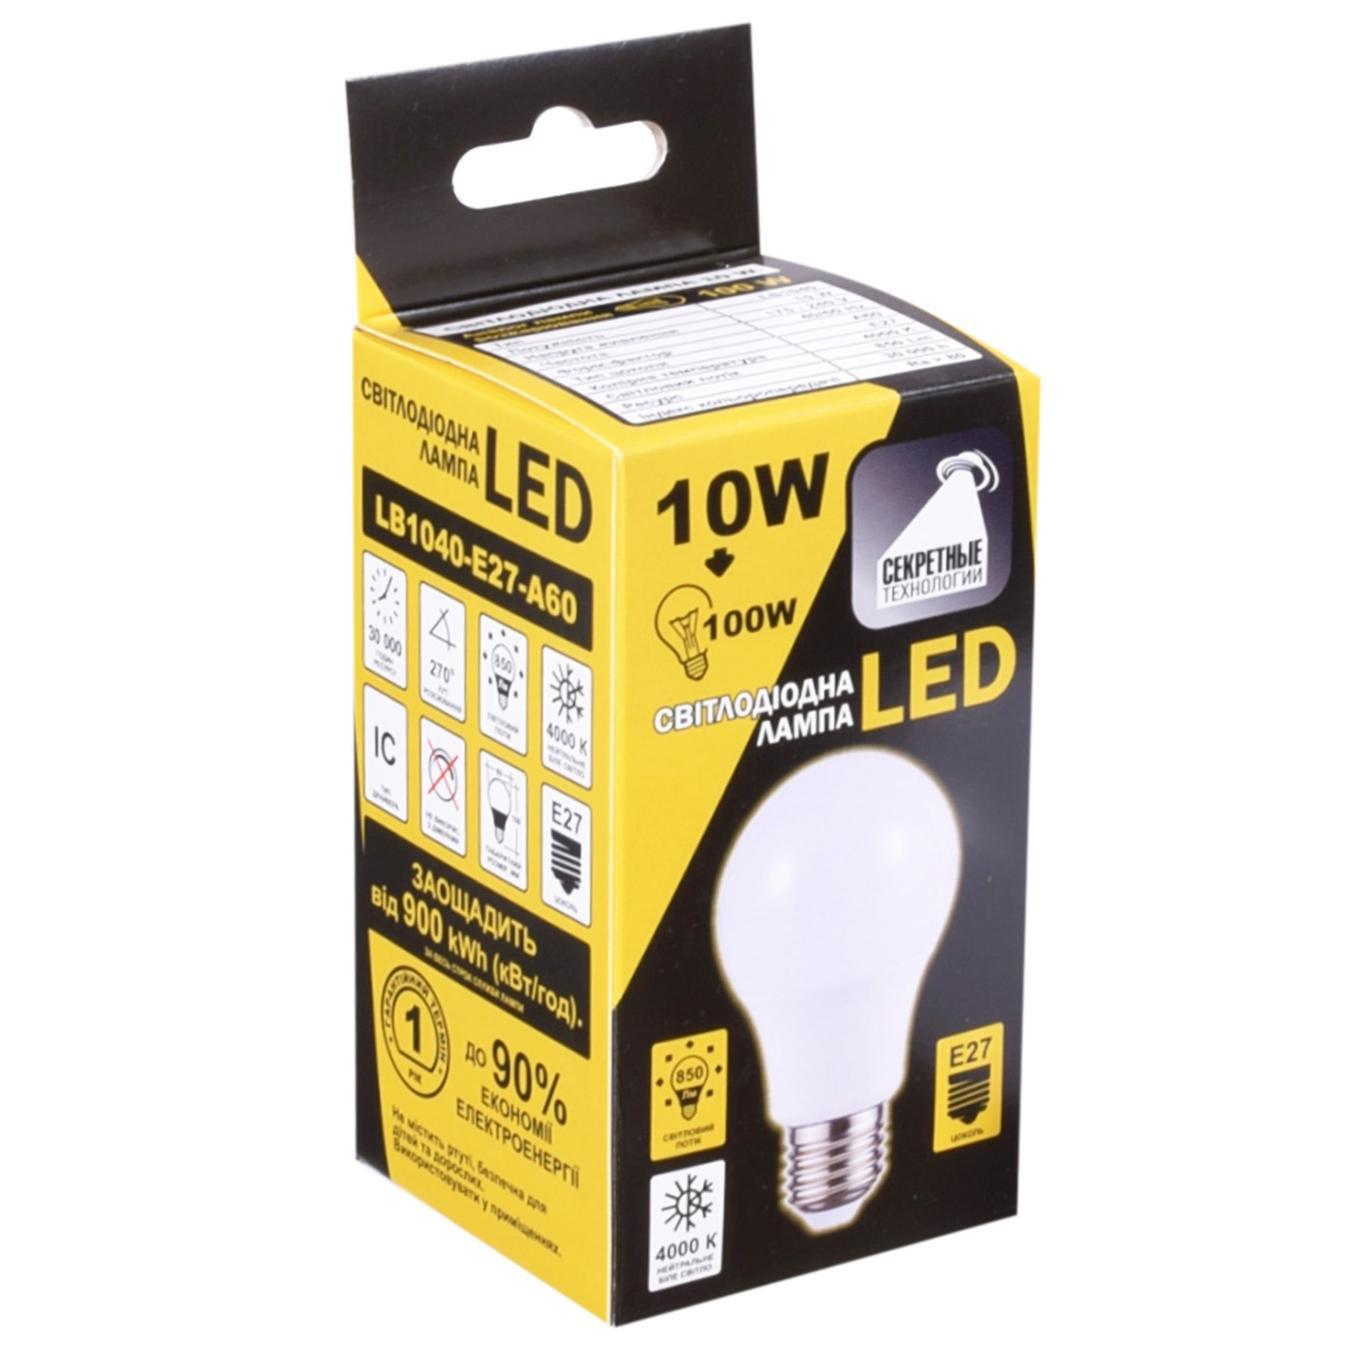 Купить 2425, Лампа LED Секретні технології звичайна біла 10 Вт Е27